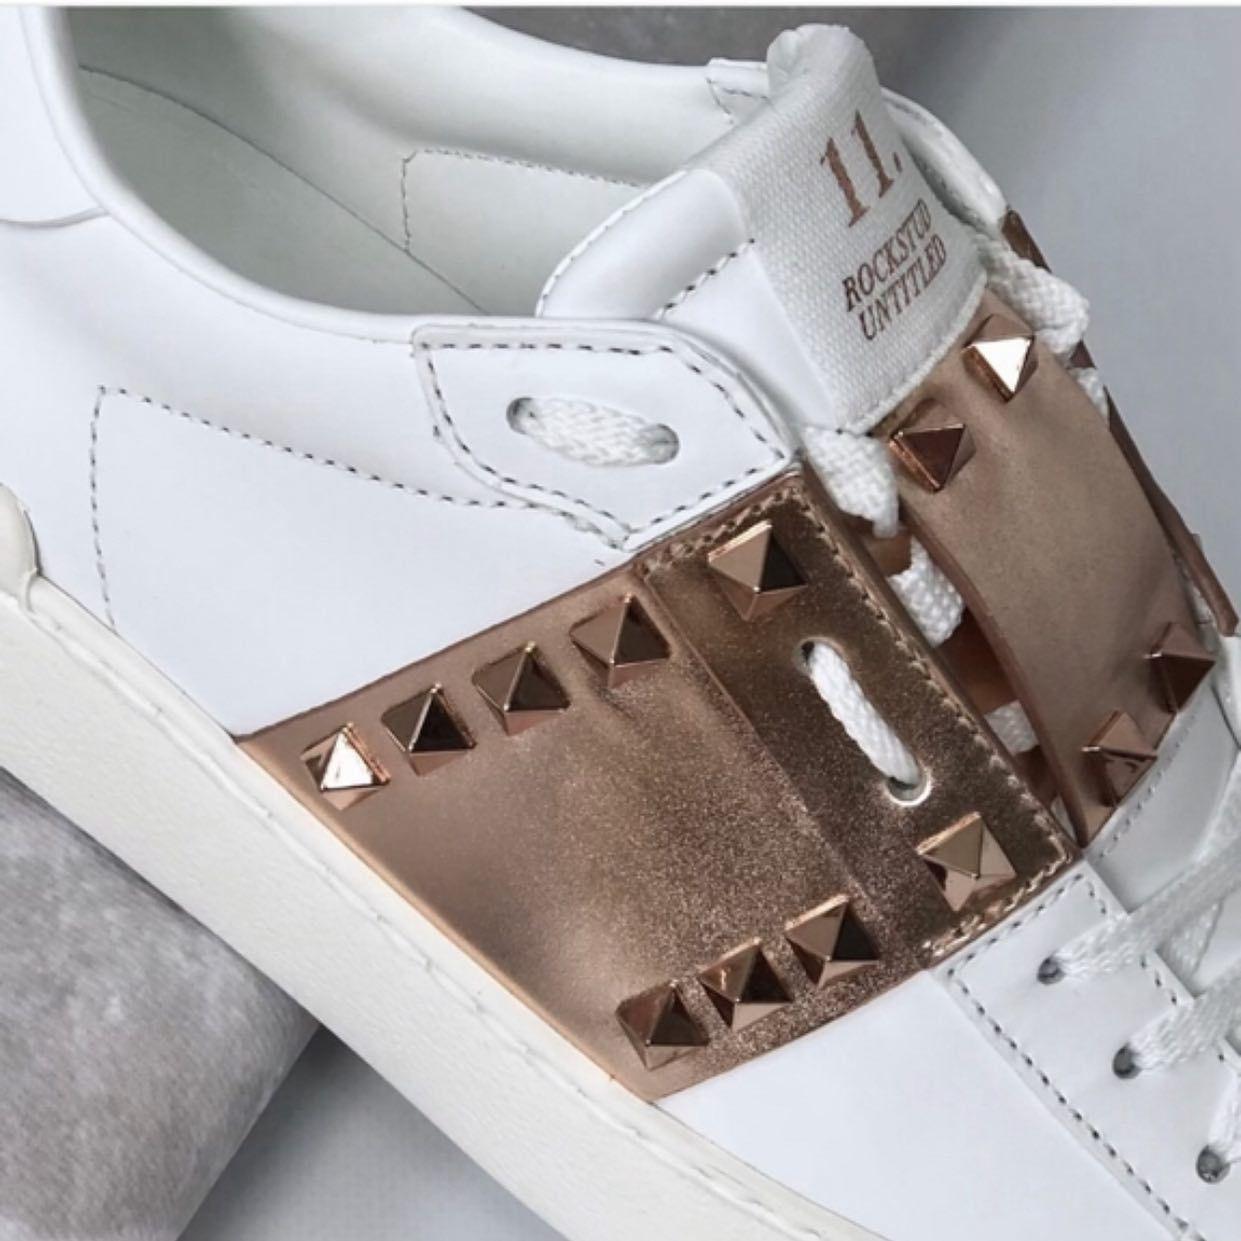 Bestsellerowy Model Sneakersow Valentino Trafil U Nas Na Promocje Sprawdz Na Www B Luxury Pl Valentinoshoes Valentin Golden Goose Sneaker Shoes Sneakers